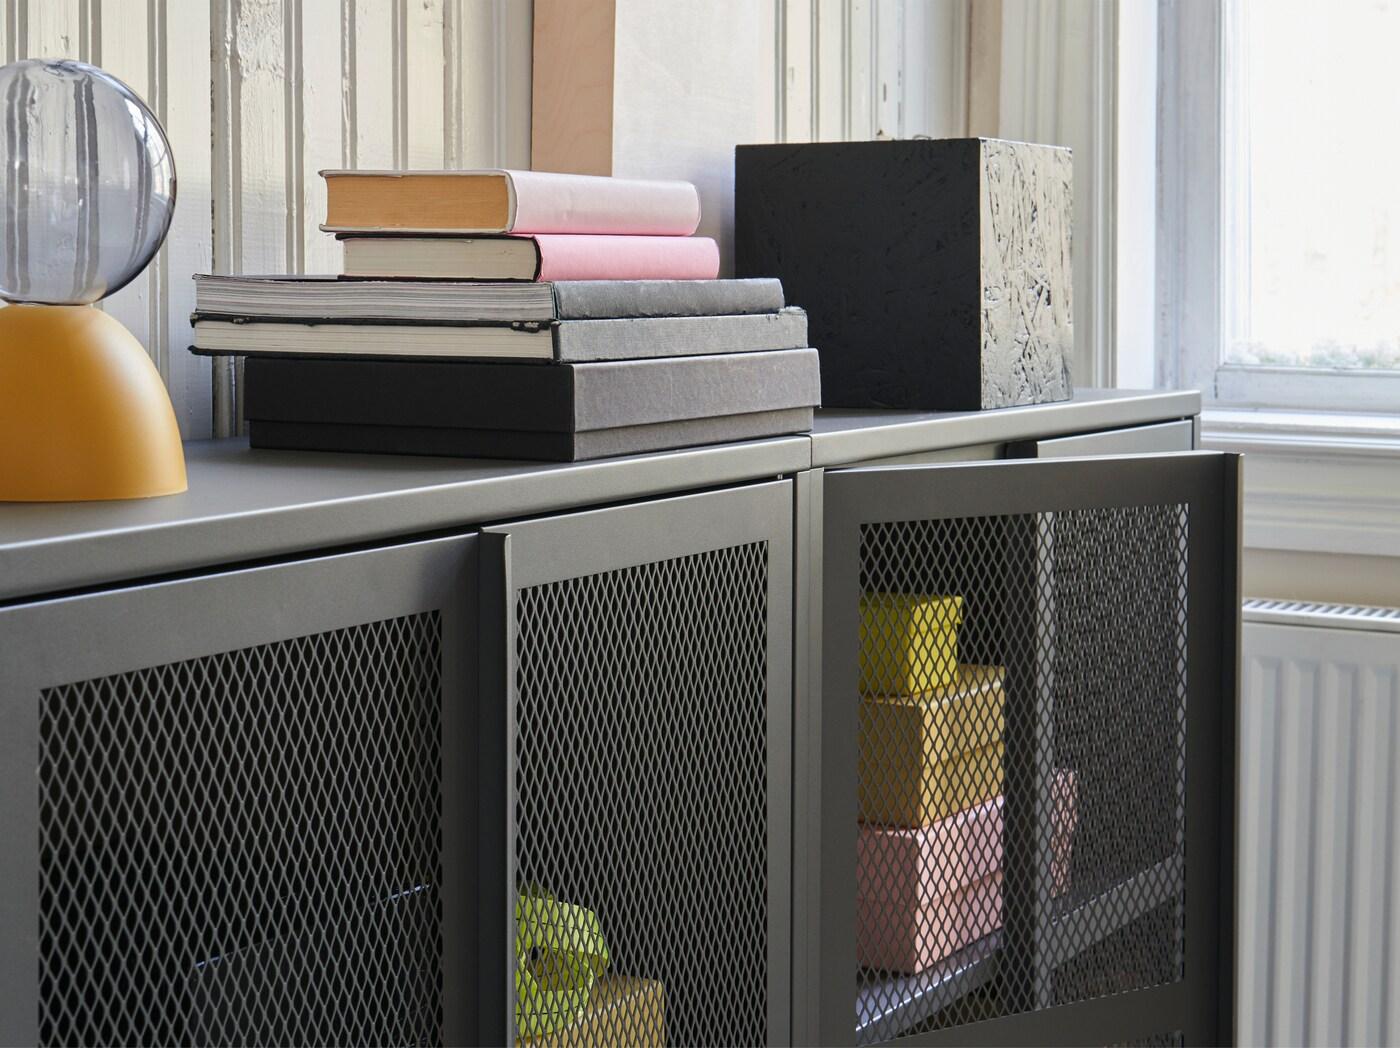 Два серых шкафа ИВАР с полупрозрачными сетчатыми металлическими дверцами с несколькими желтыми и розовыми предметами.